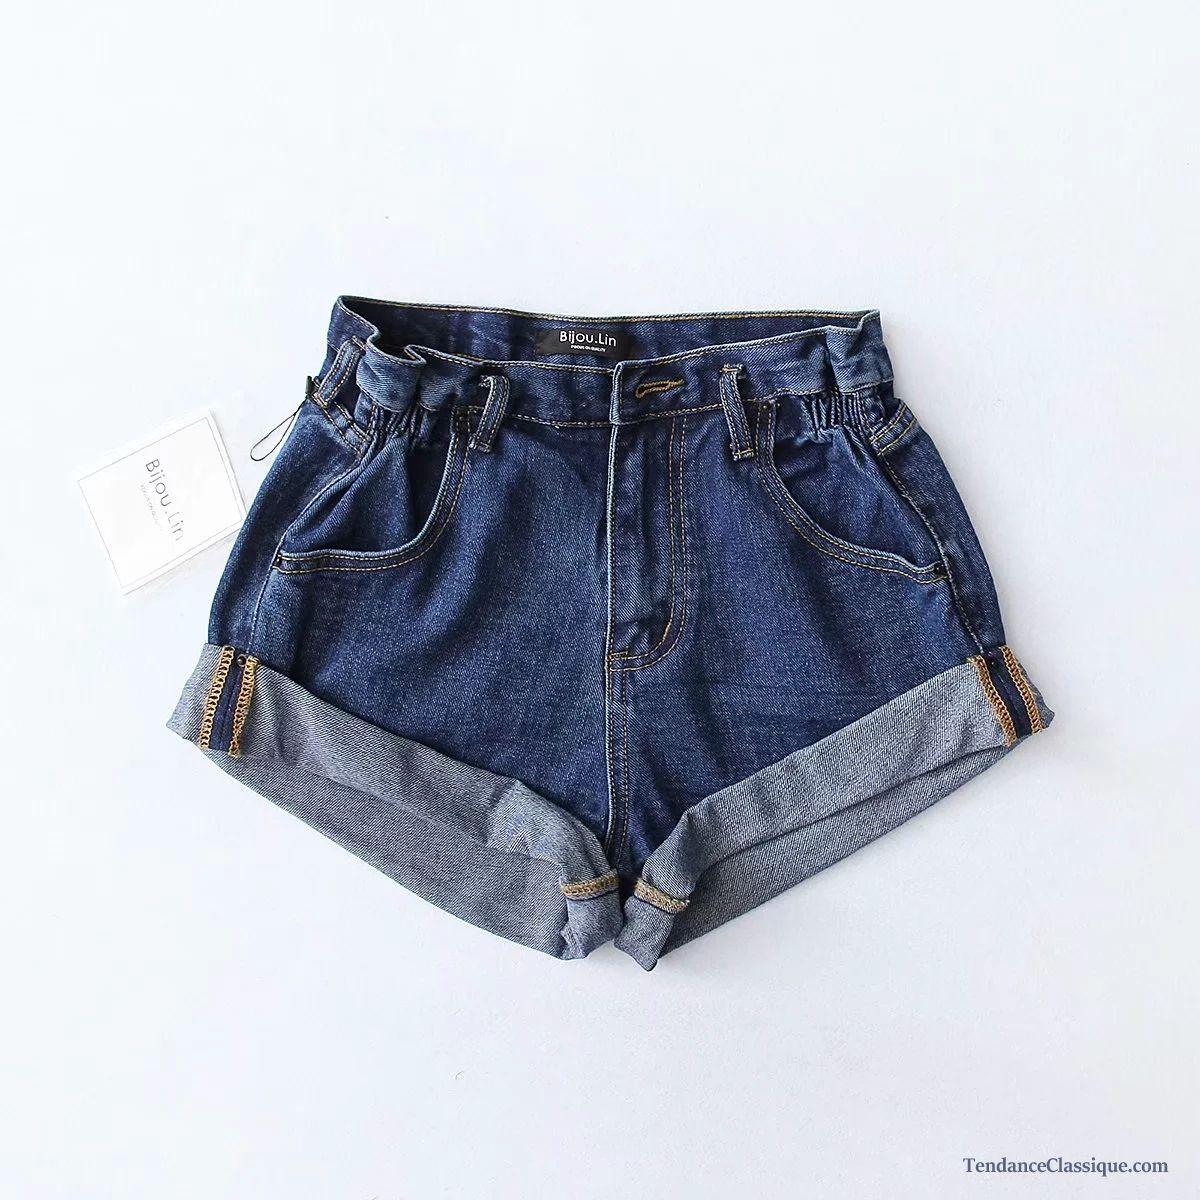 Skinny Pas Troué CherTendance Classique Et Femme Shorts FT13cKlJ